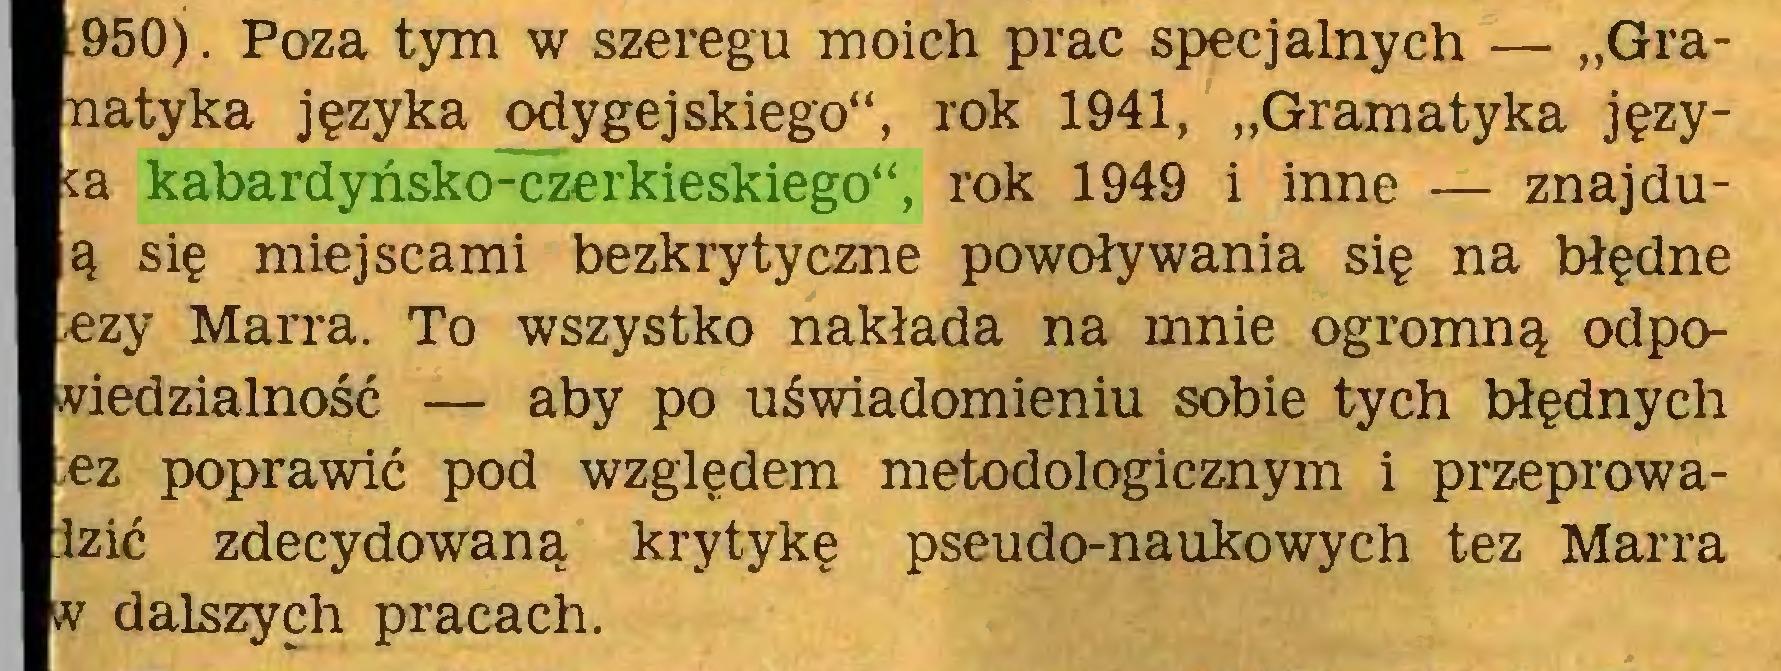 """(...) 950). Poza tym w szeregu moich prac specjalnych — """"Graatyka języka odygejskiego"""", rok 1941, """"Gramatyka języa kabardyńsko-czerkieskiego"""", rok 1949 i inne — znajduą się miejscami bezkrytyczne powoływania się na błędne zy Marra. To wszystko nakłada na mnie ogromną odpoedzialność — aby po uświadomieniu sobie tych błędnych ;ez poprawić pod względem metodologicznym i przeprowaIzić zdecydowaną krytykę pseudo-naukowych tez Marra w dalszych pracach..."""